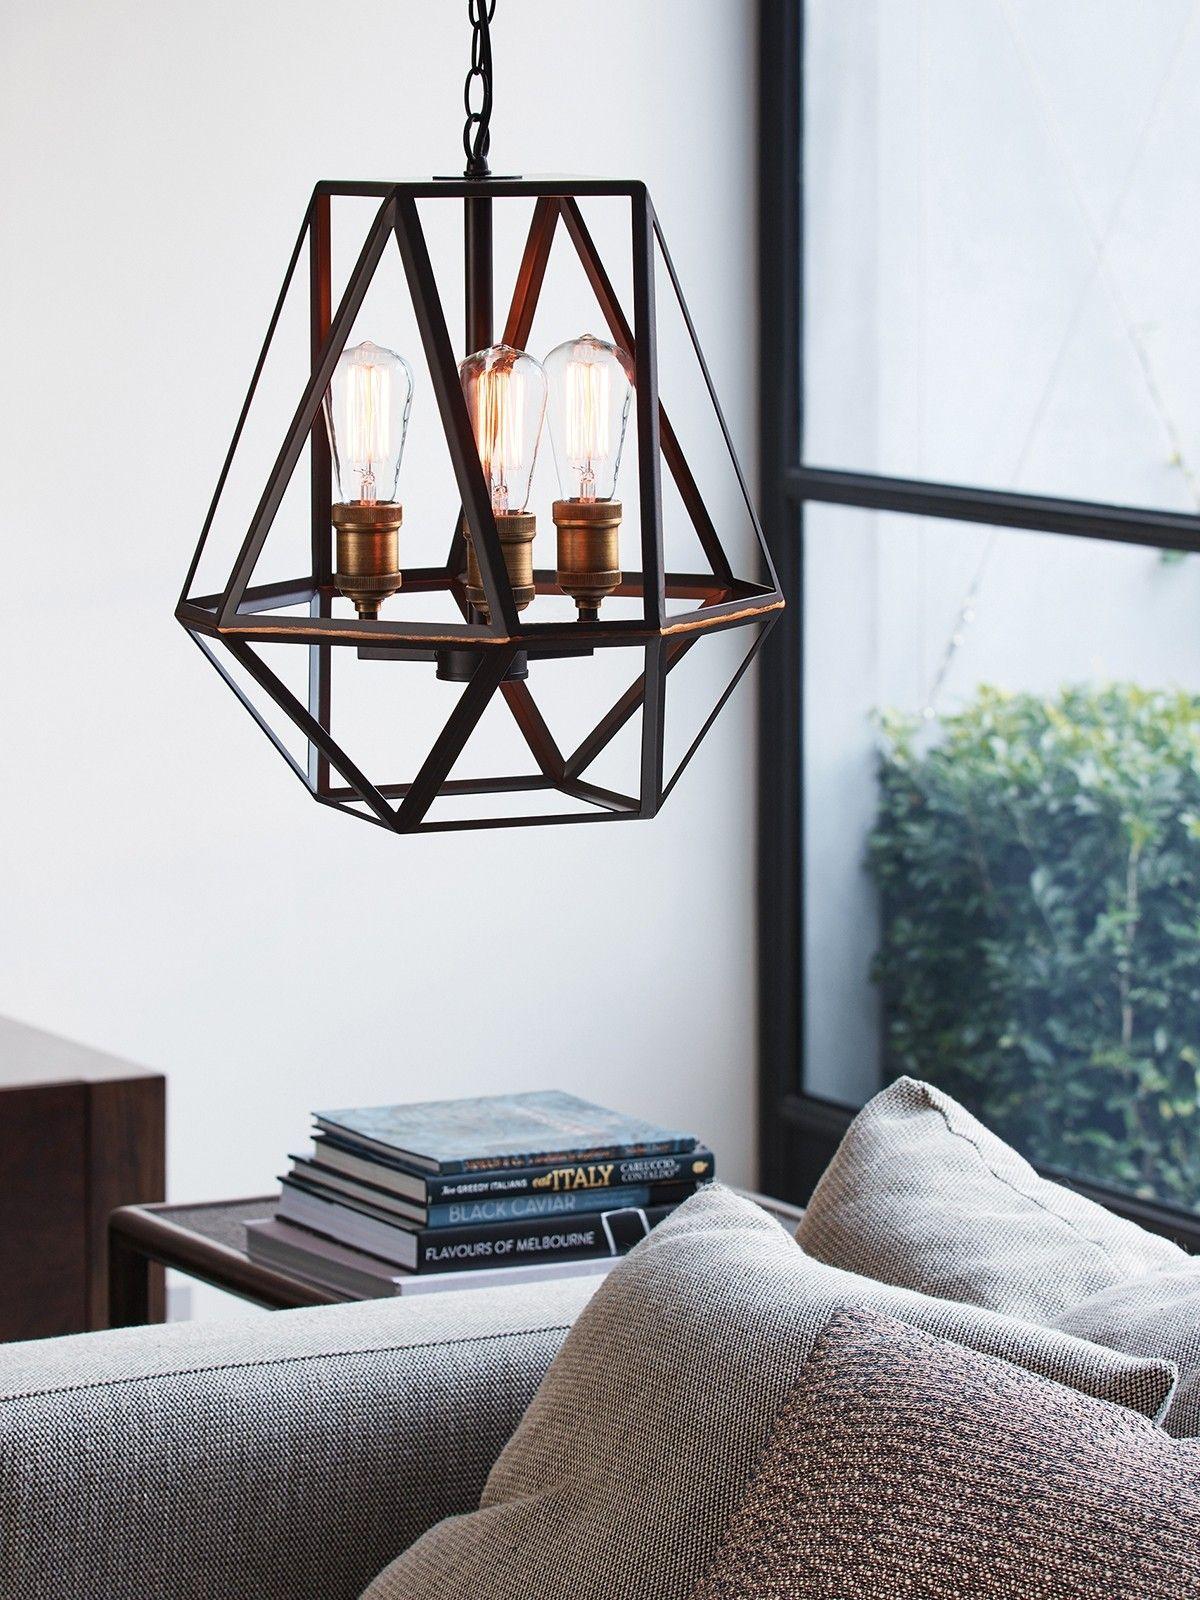 Vaille 3 Light Pendant In Oil Rubbed Bronze Oil Rubbed Bronze Light Fixtures Industrial Pendant Lights 3 Light Pendant